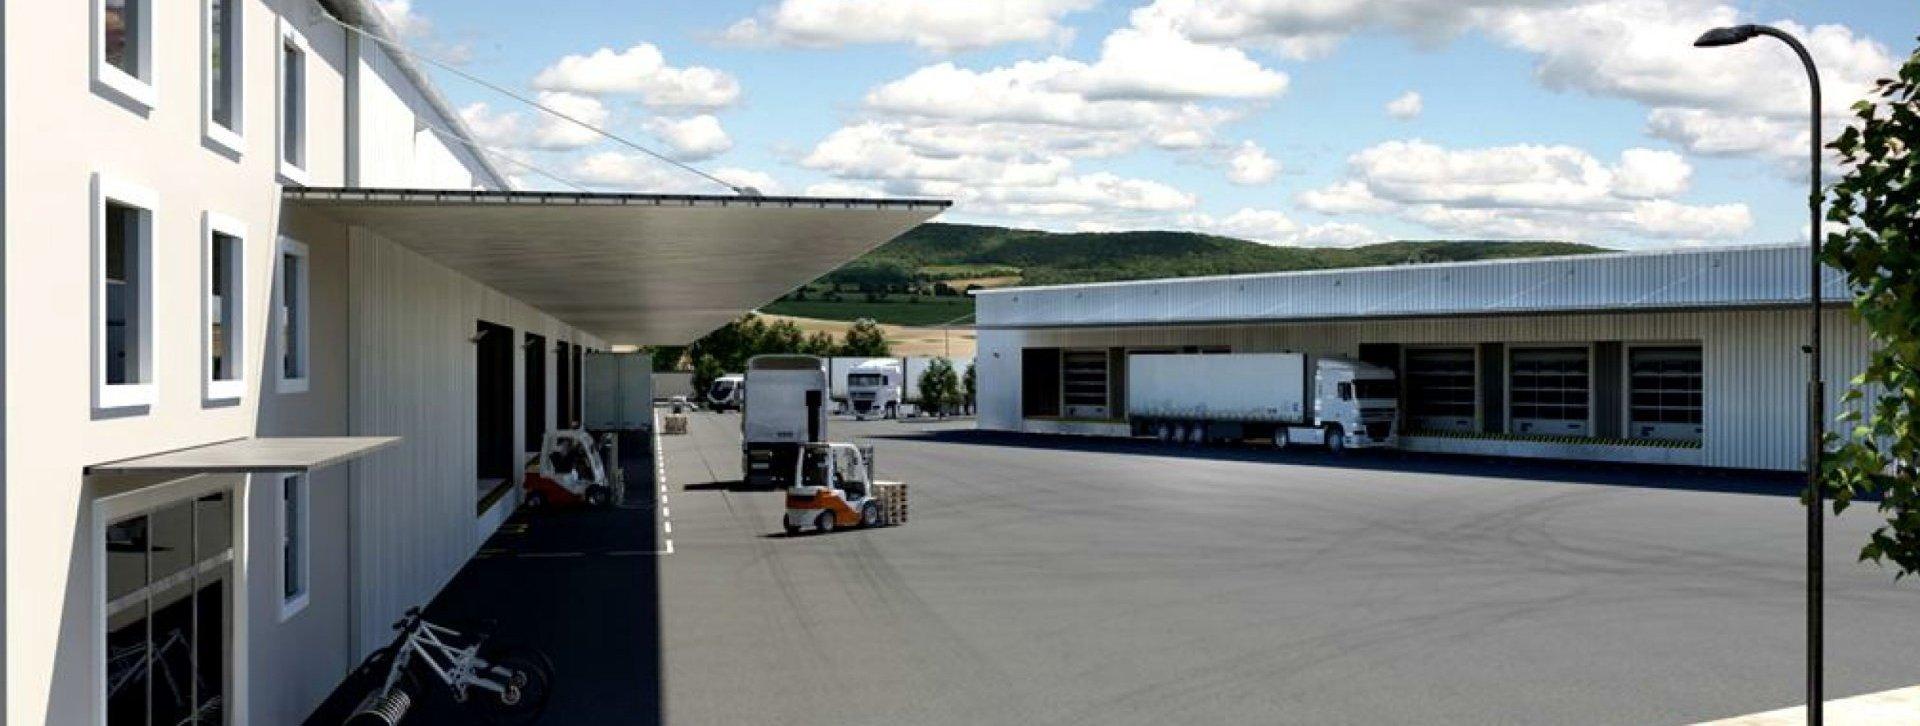 pronajem-moderni-skladove-vyrobni-prostory-3-600-10-800-m2-bilina-bilina-vizualizace-4-7f6b22